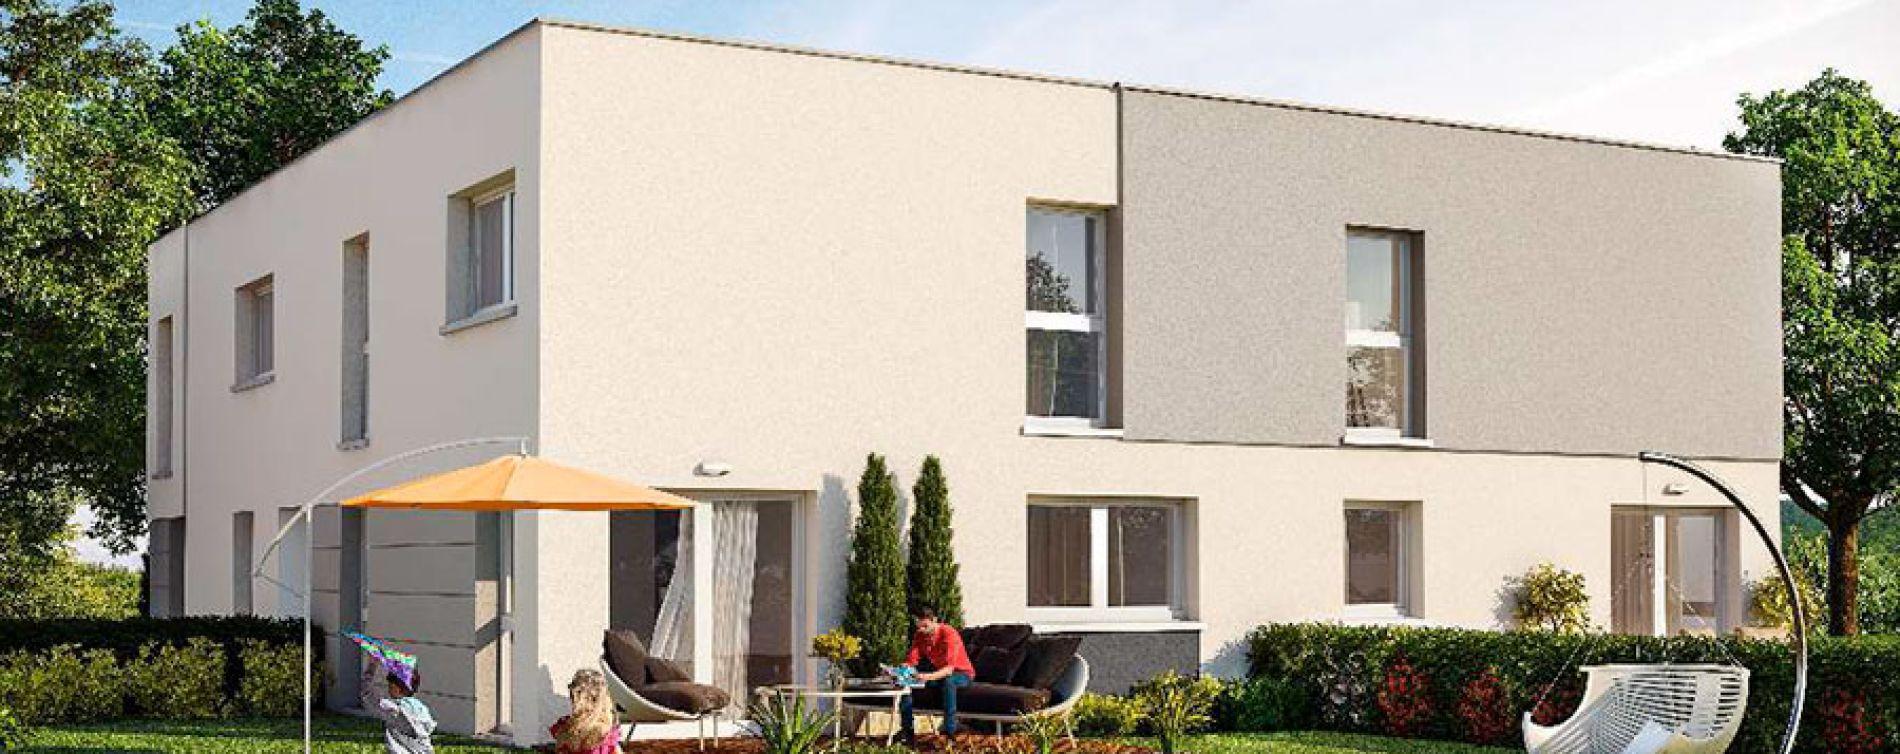 Résidence BoCarré à Hangenbieten